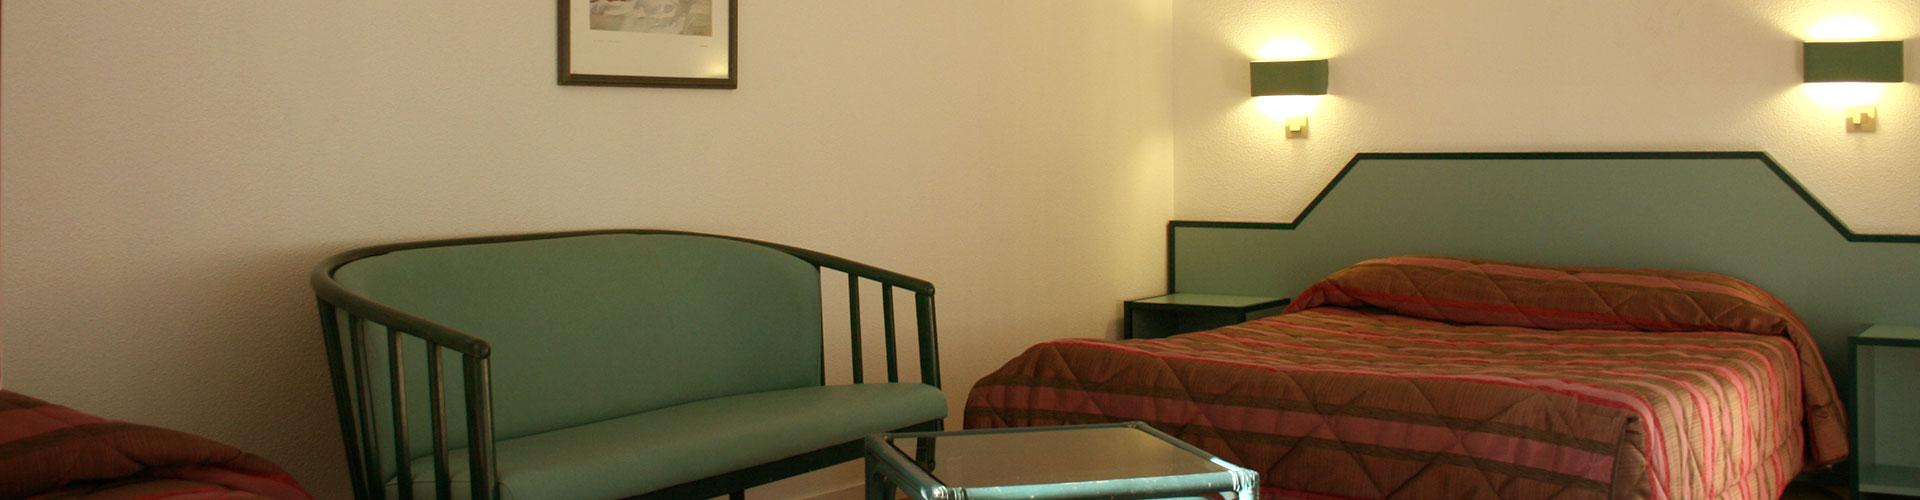 Des chambres paisibles et variées